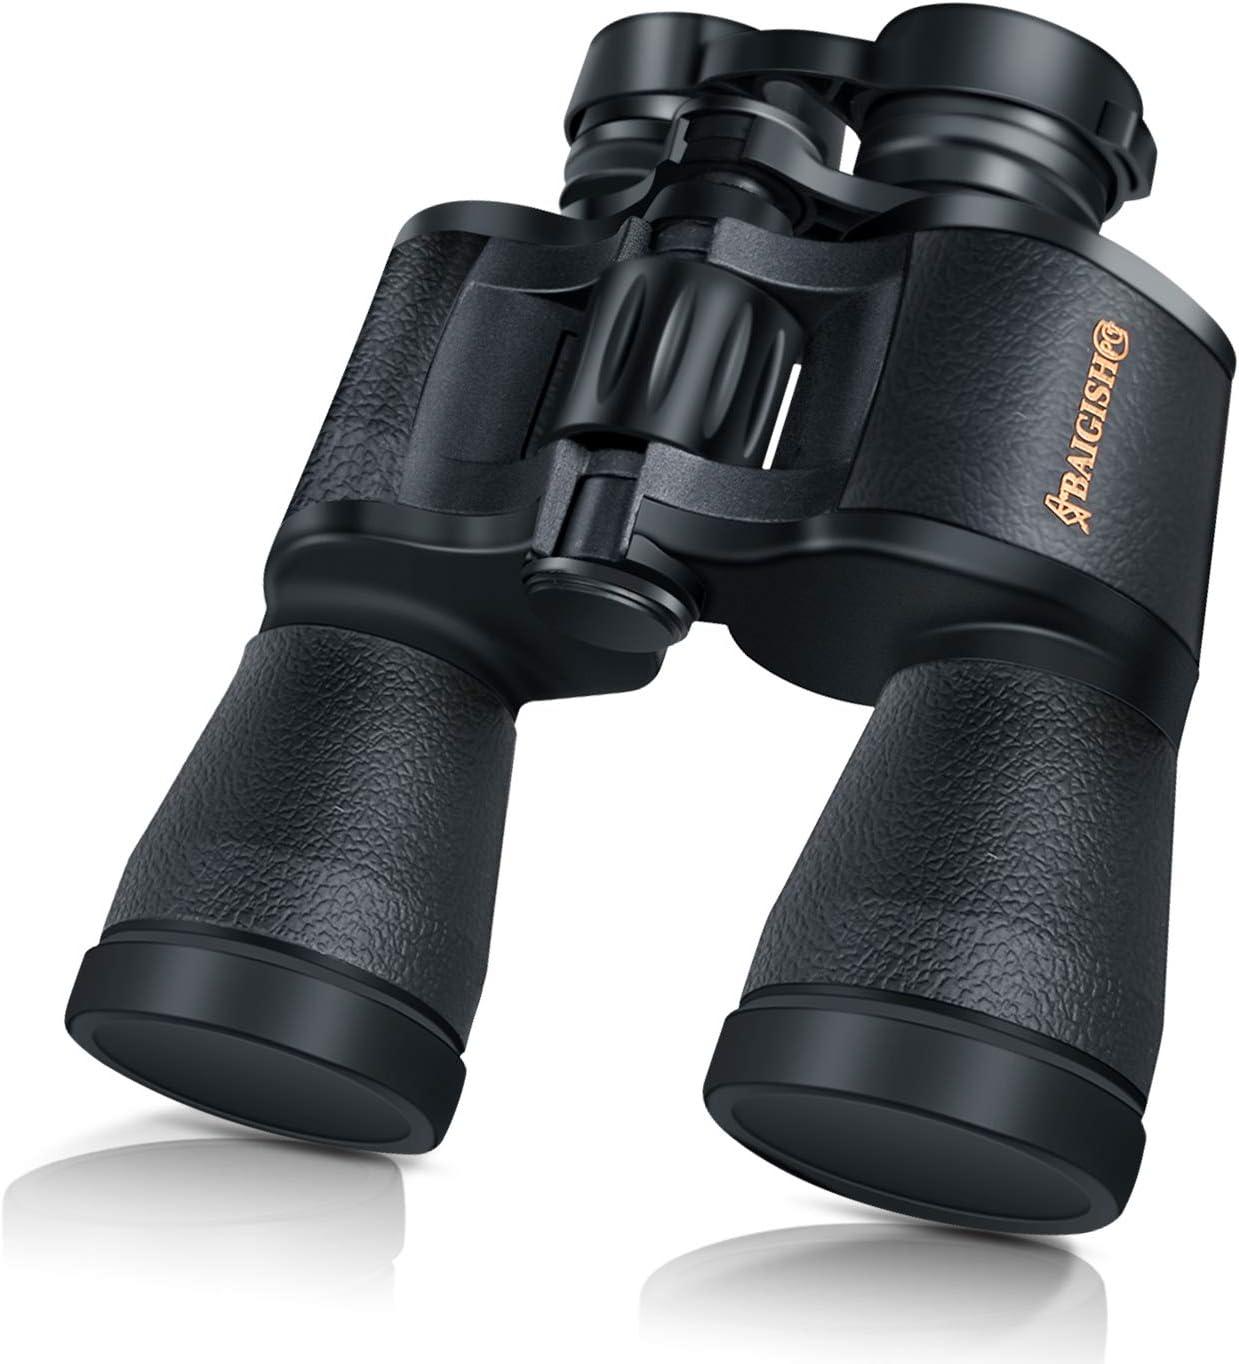 20x50 Dachkantfernglas Für Erwachsene Leistungsstarkes Kamera